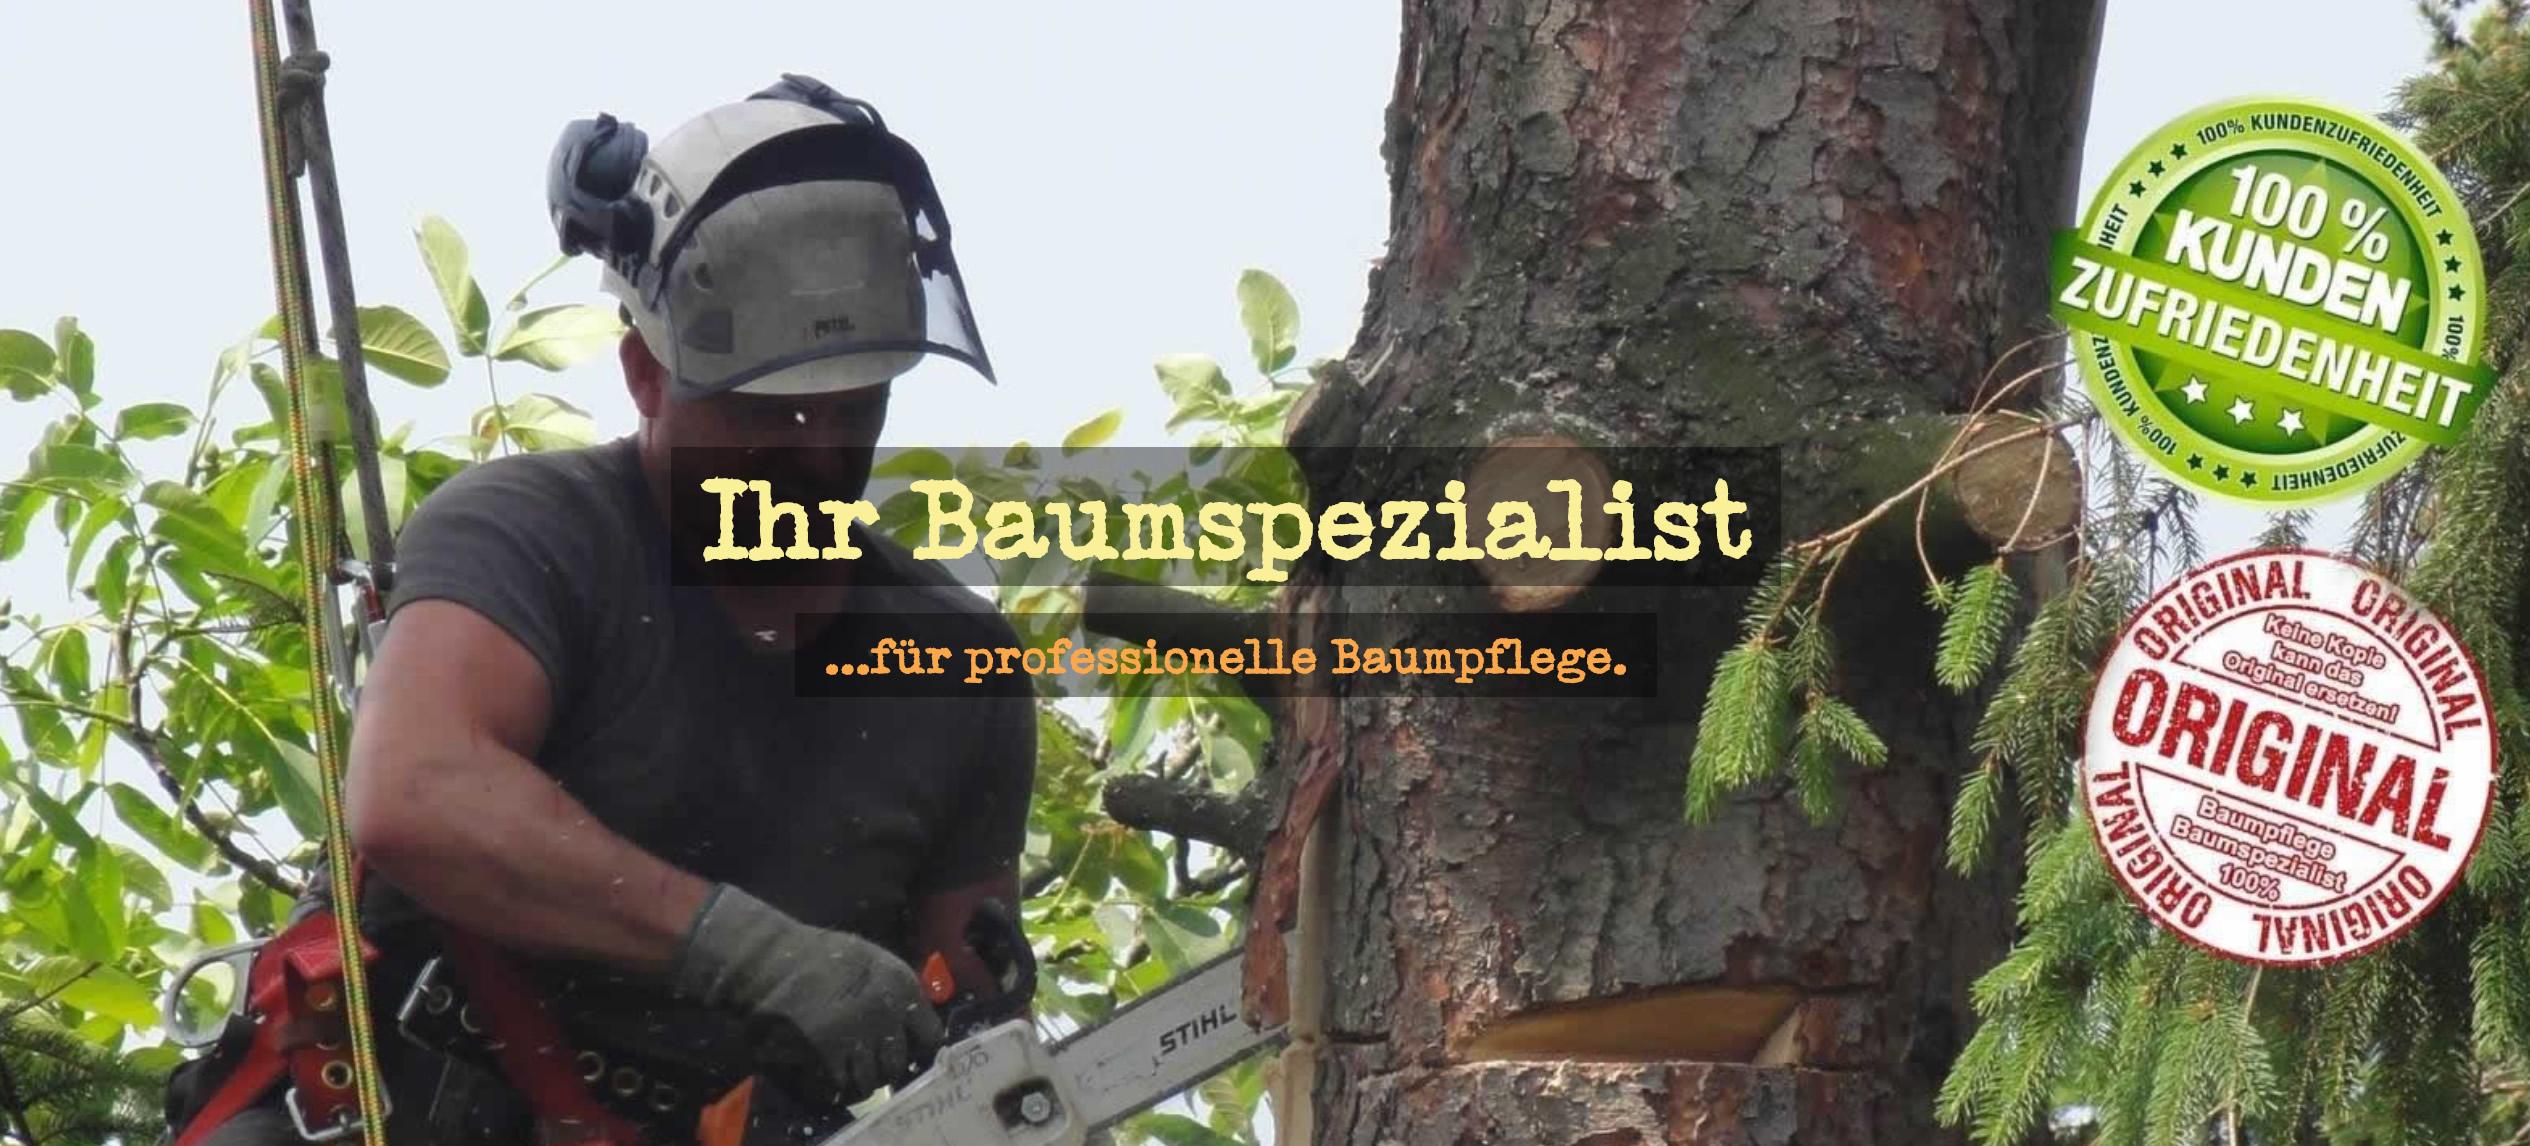 Baumpflege Kuppenheim | 🥇 Stefan Reuschling ➤ Baumspezialist / ✓ Baumfällung